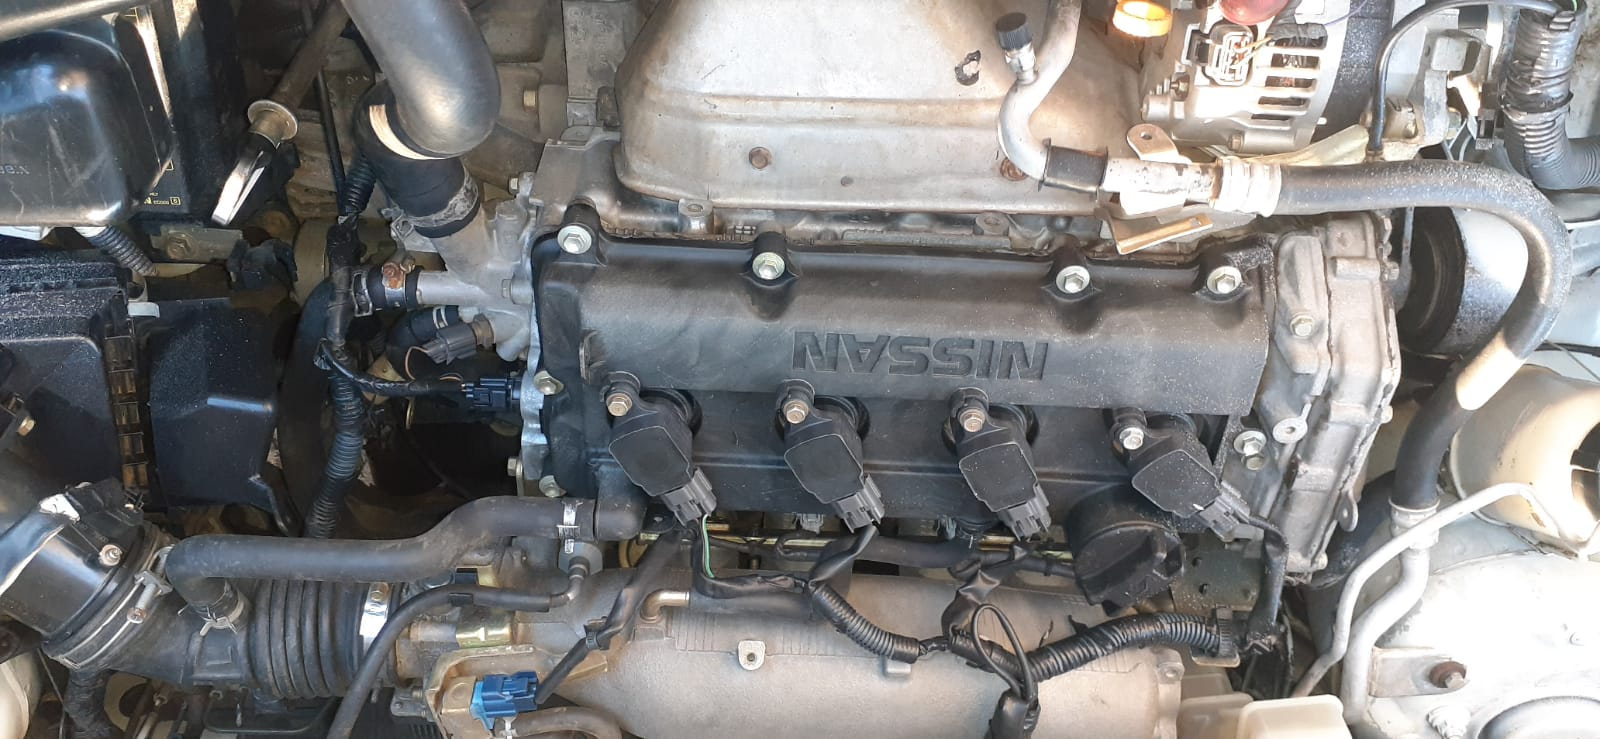 2007 Nissan X-Trail 2.5 4x4 LE